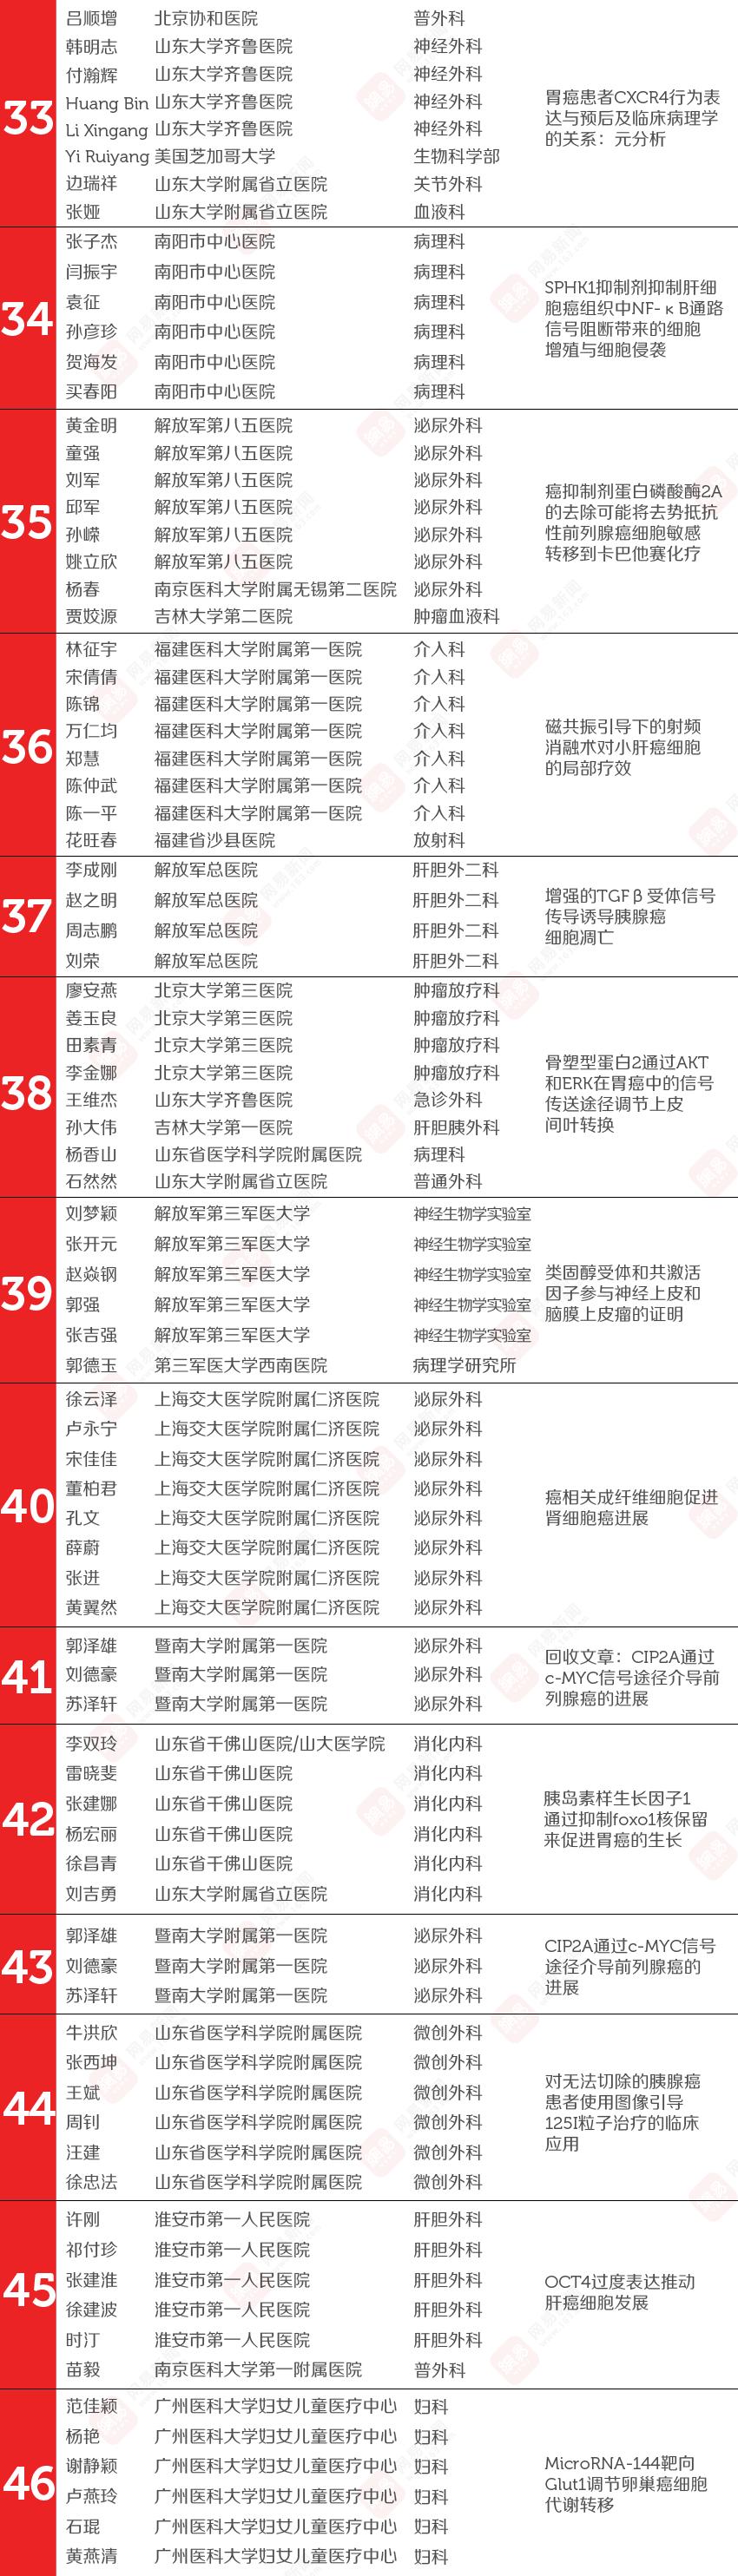 524名中国医生论文造假,我们找到了几乎所有医生的名字